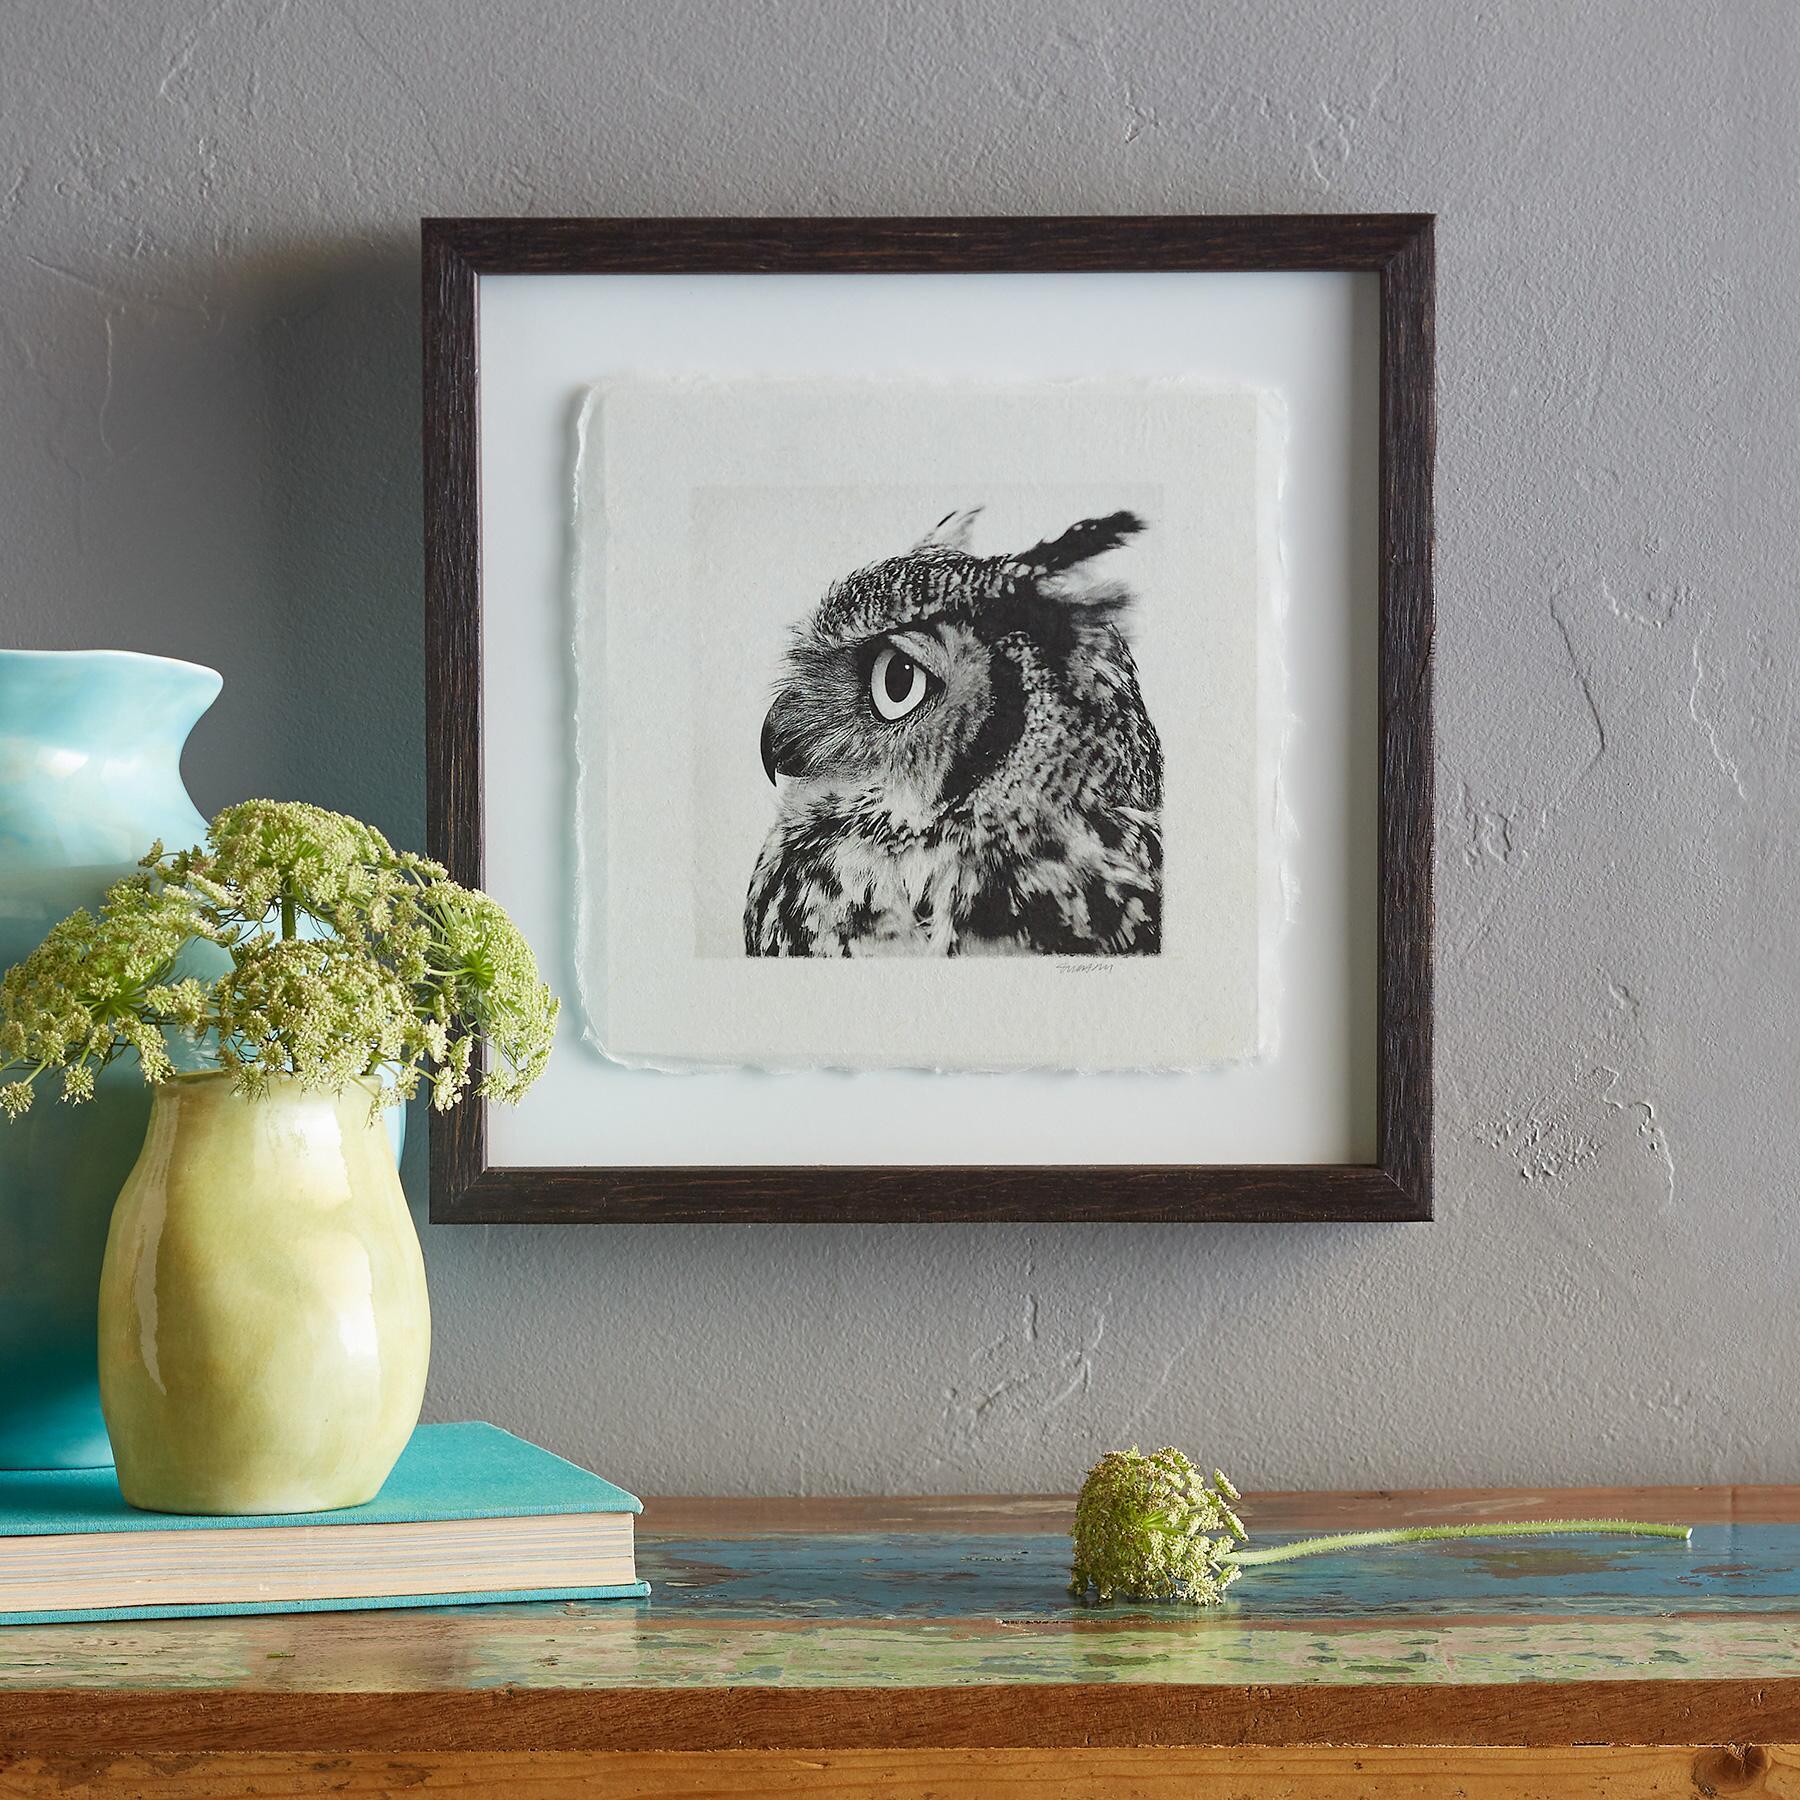 OWL PRINTS: View 2